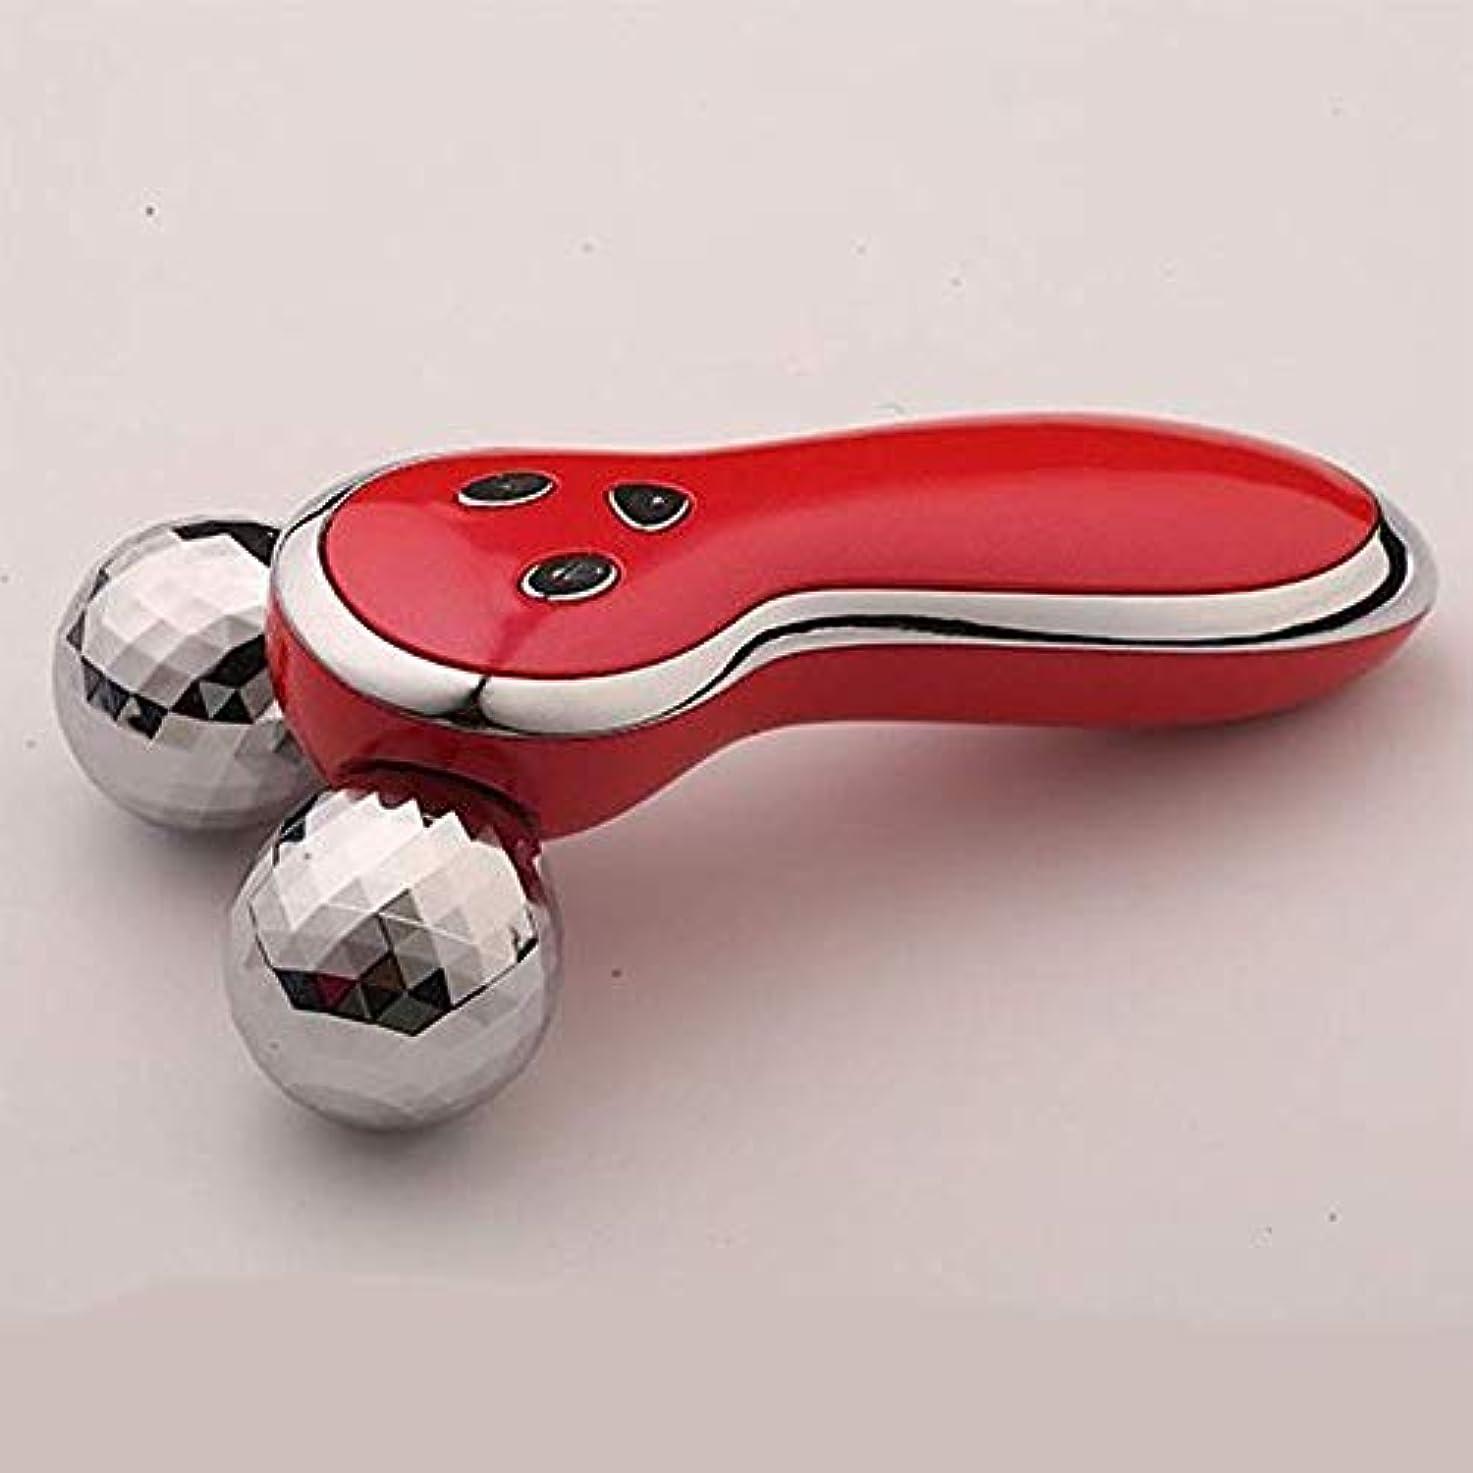 香水ネコ最終的に3Dフェイシャルマッサージャーツーヘッドローラーフェイシャルビューティー微小電流振動Vフェイスドループフェイシャルラインスリミング全身アイニーディングマッサージUSB充電,赤